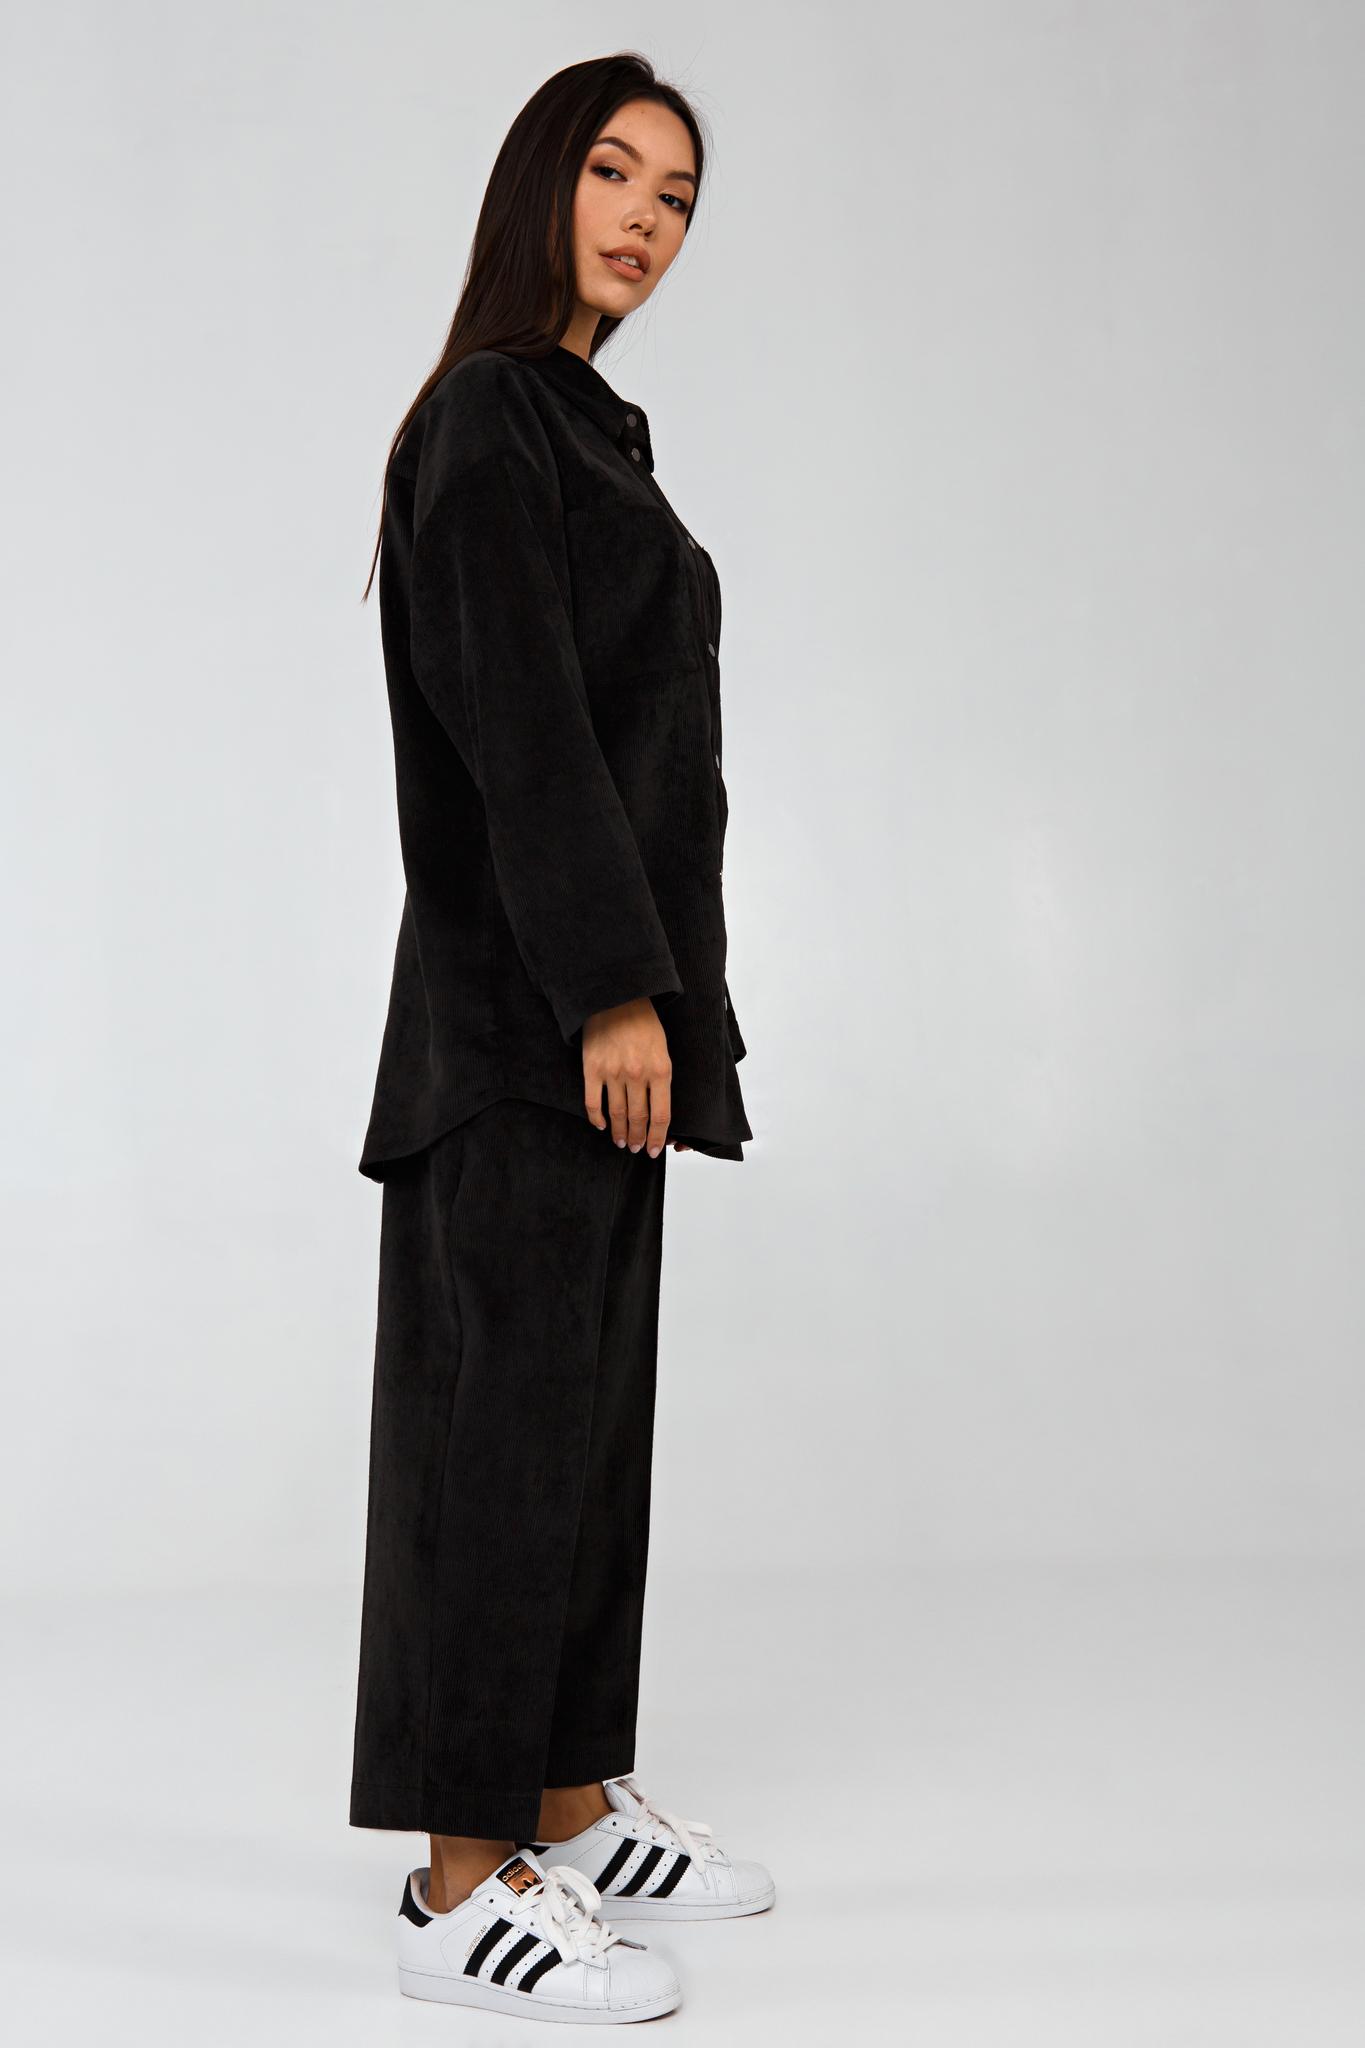 Вельветовый костюм в рубчик графитовый YOS от украинского бренда Your Own Style